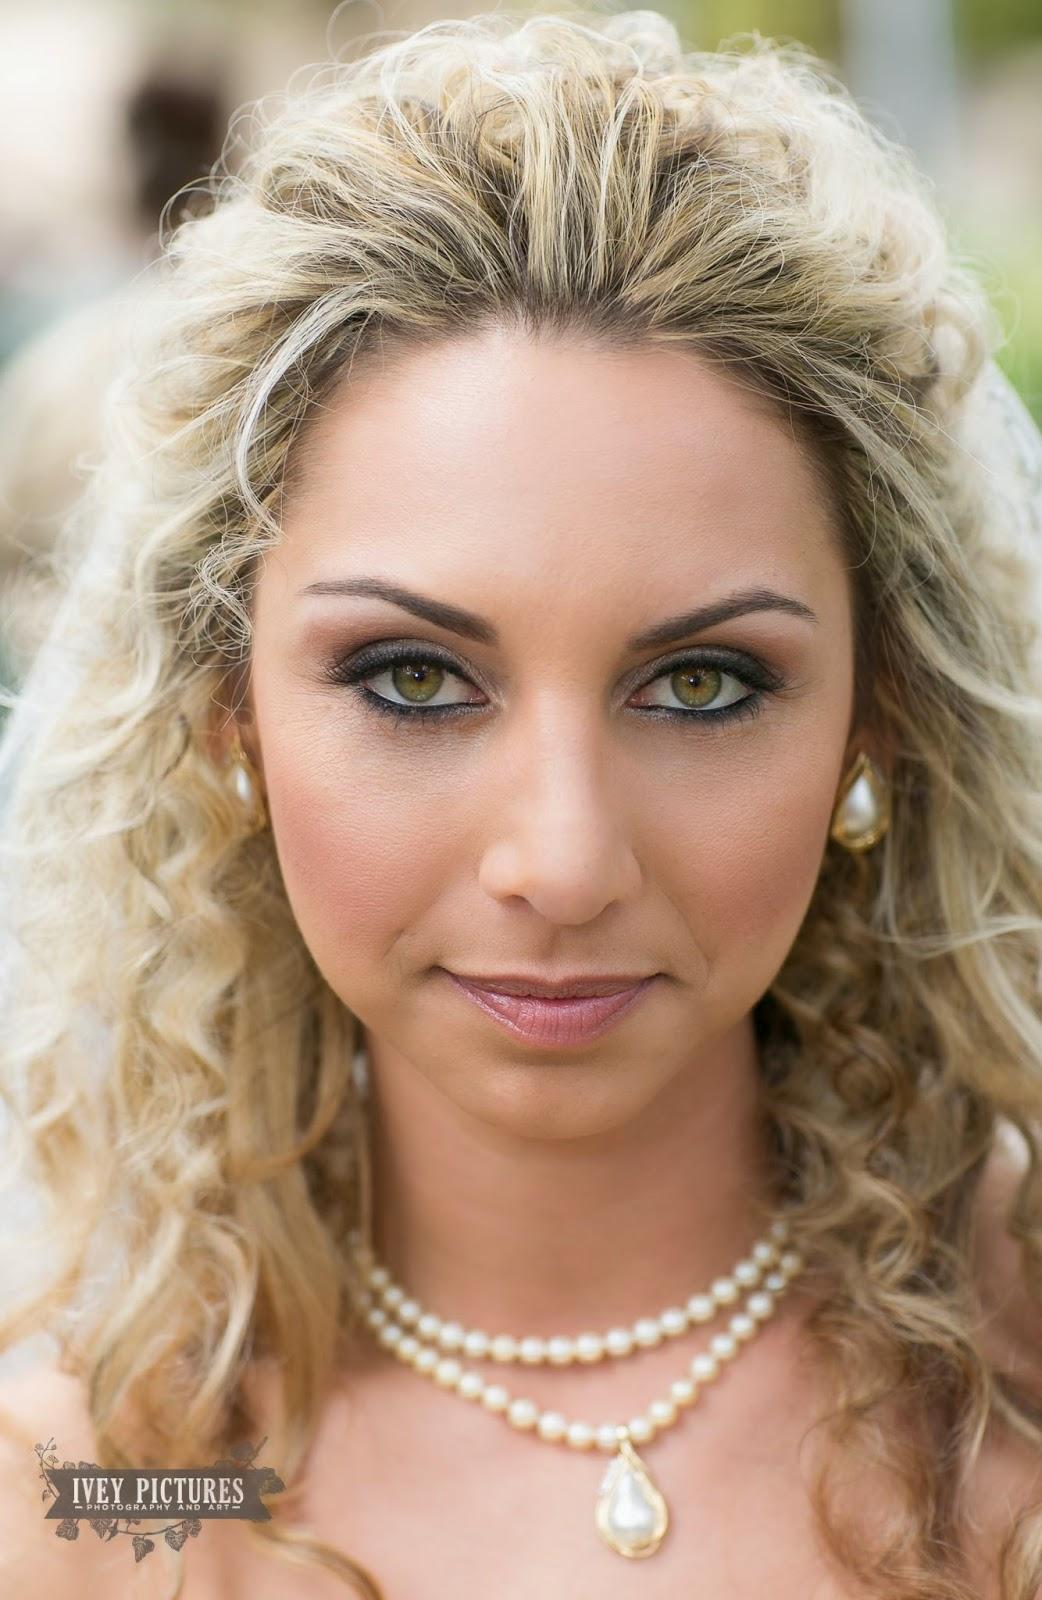 Boda Maquillador, aerógrafo - Bridal Maquilladores